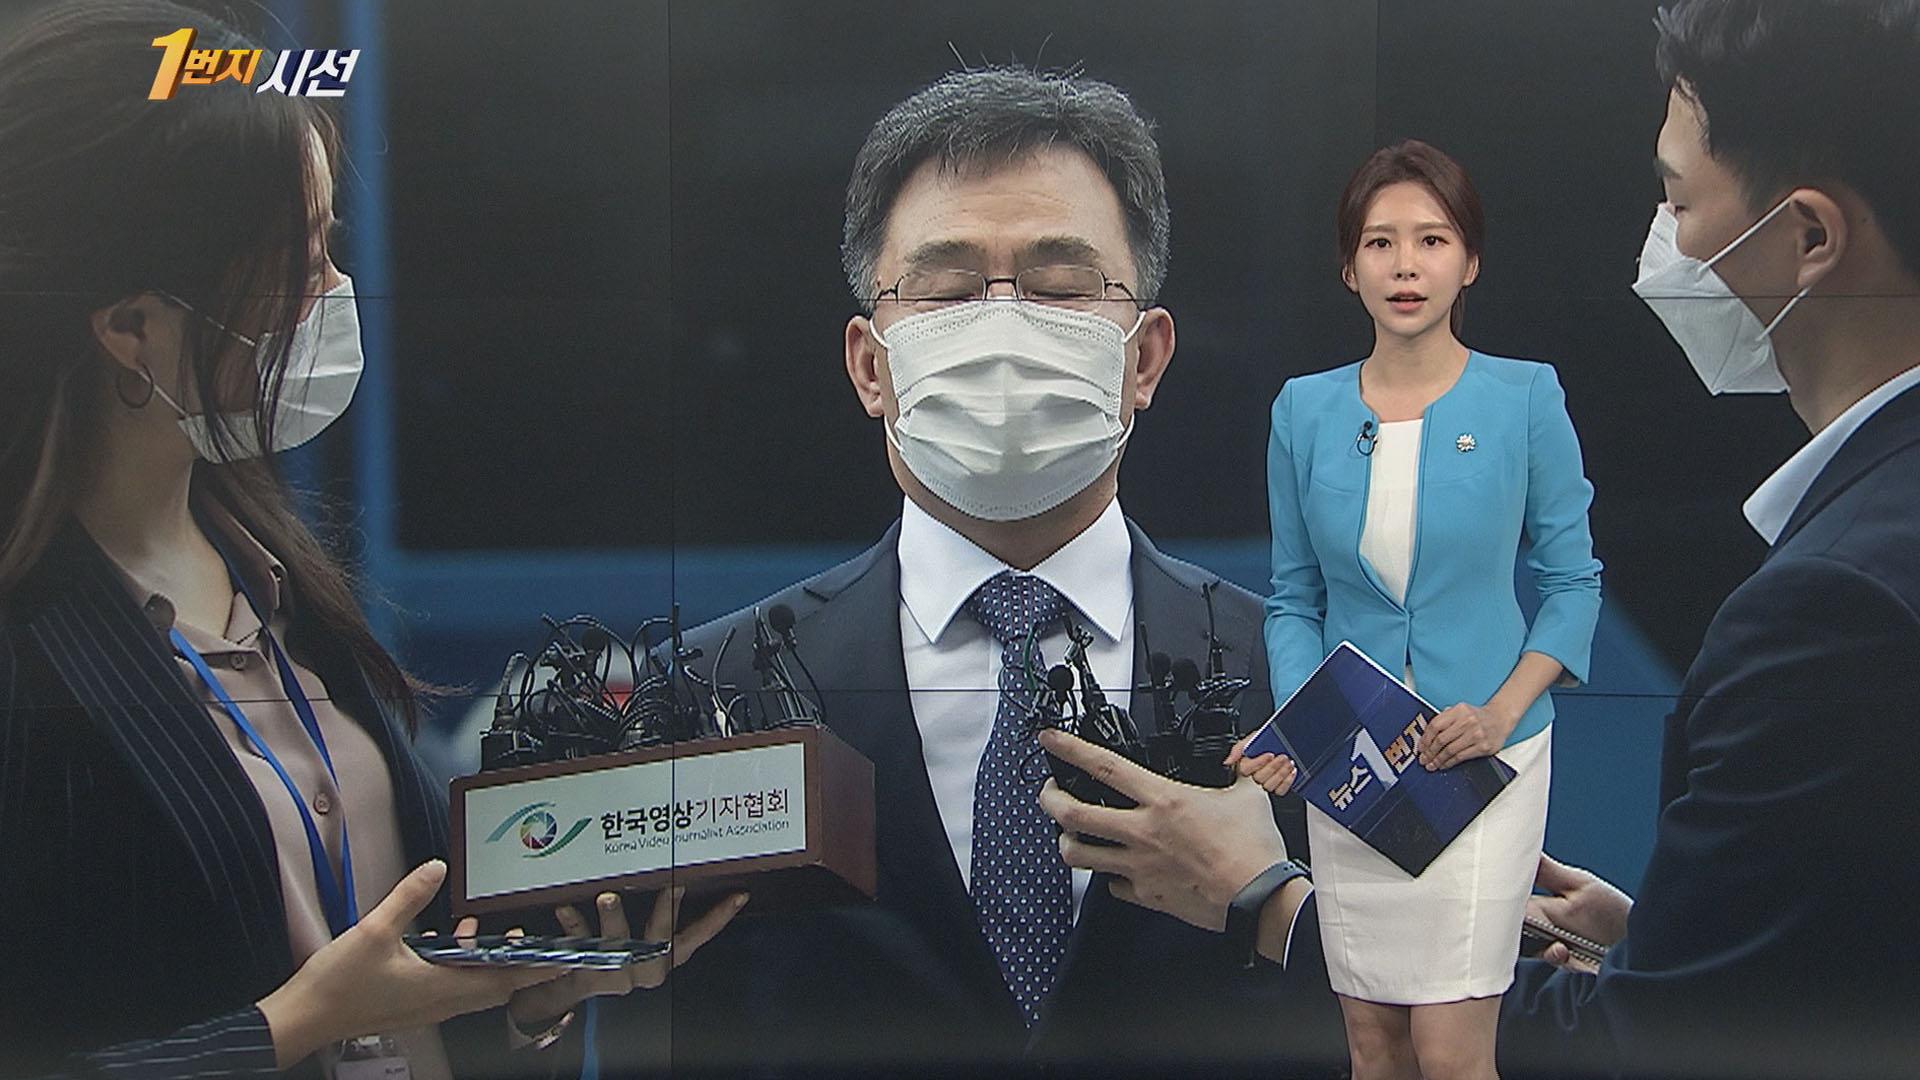 [1번지시선] 김만배 구속 갈림길…'대장동 수사' 분수령 外